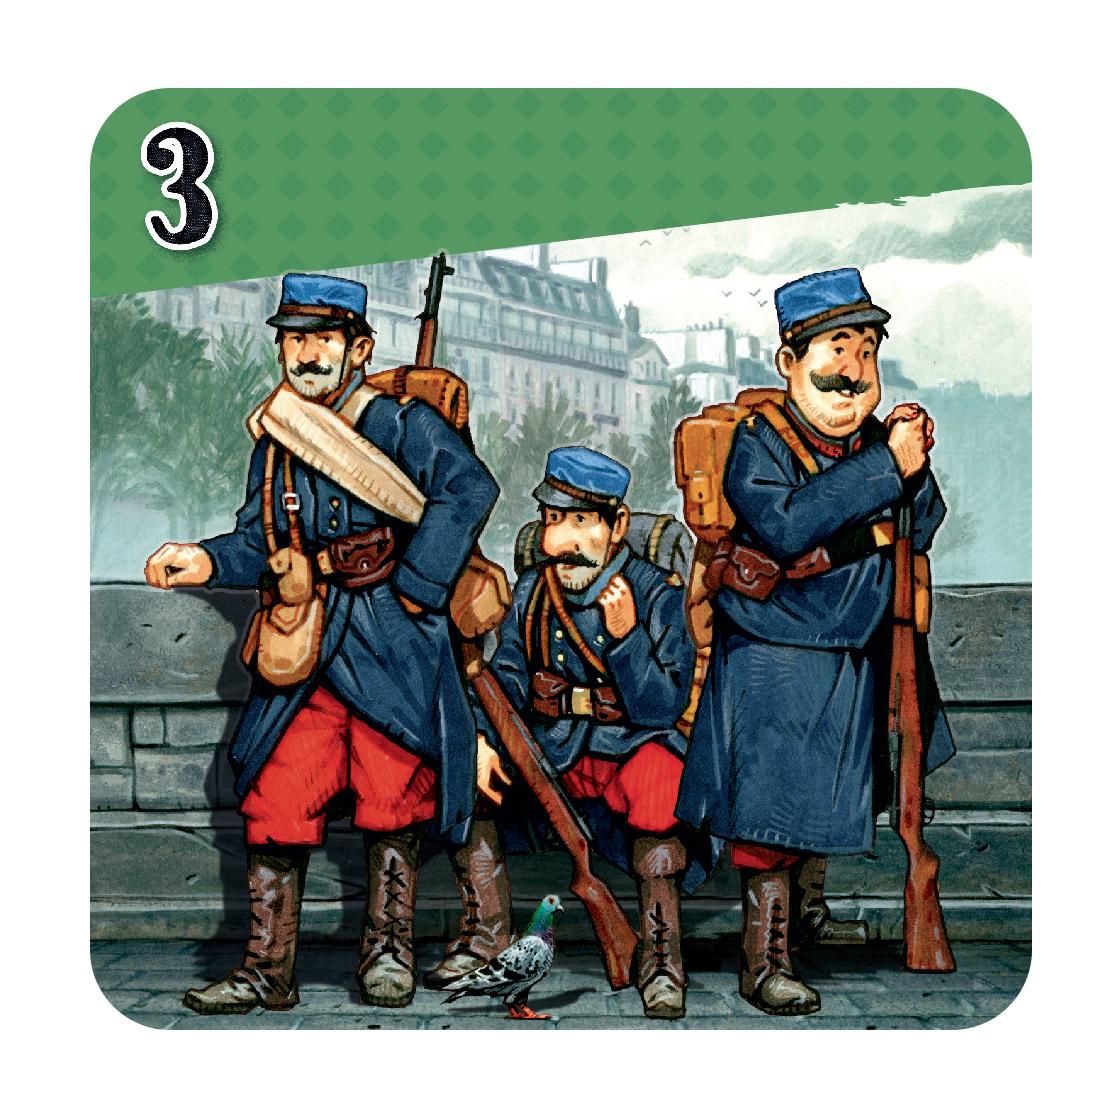 Les Taxis de la Marne, exemple de carte Soldat © Cocktail Games / Dutrait / Caplanne